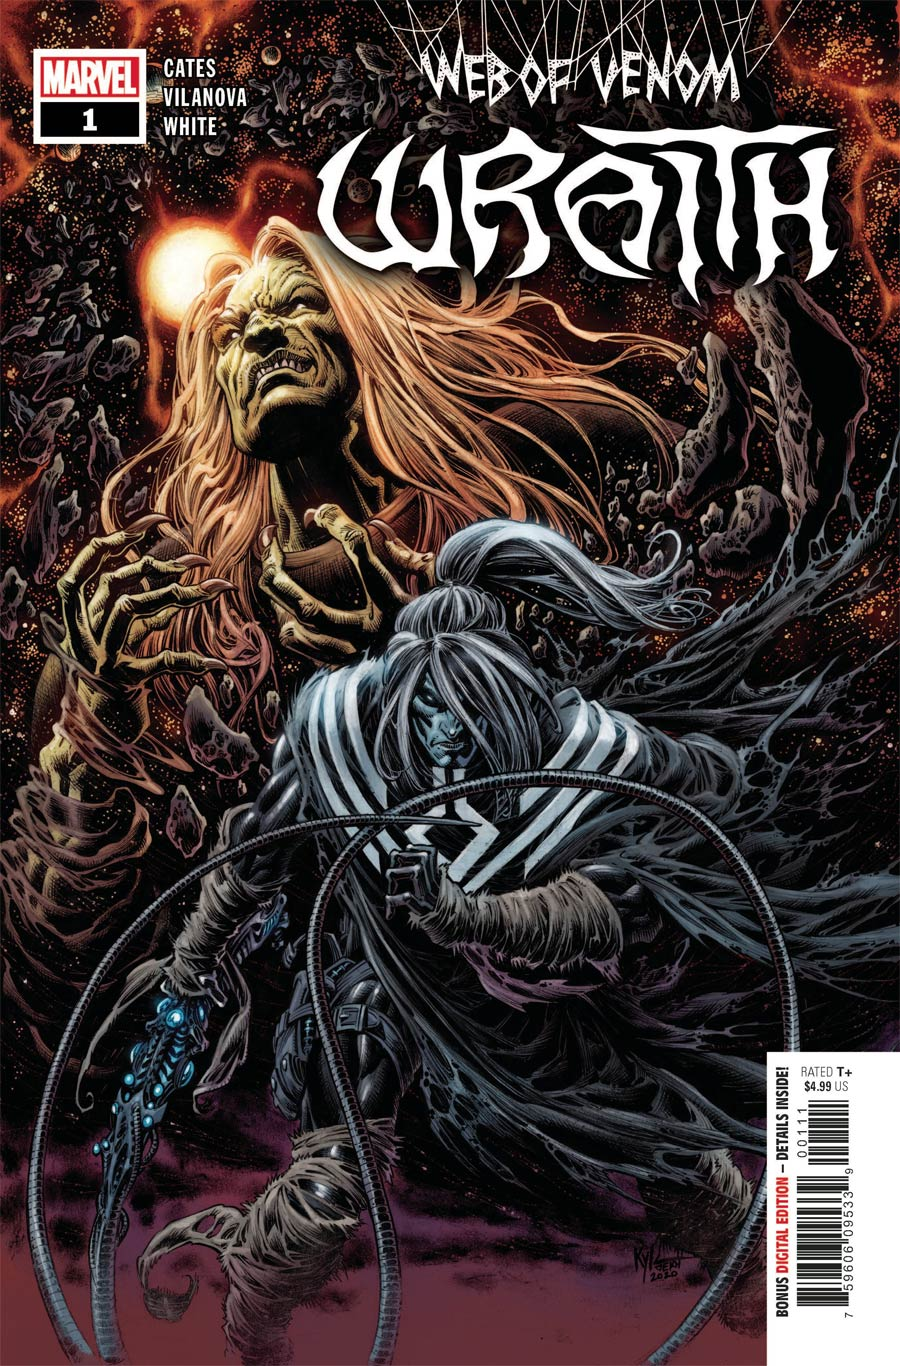 Web Of Venom Wraith #1 Cover A Regular Kyle Hotz Cover